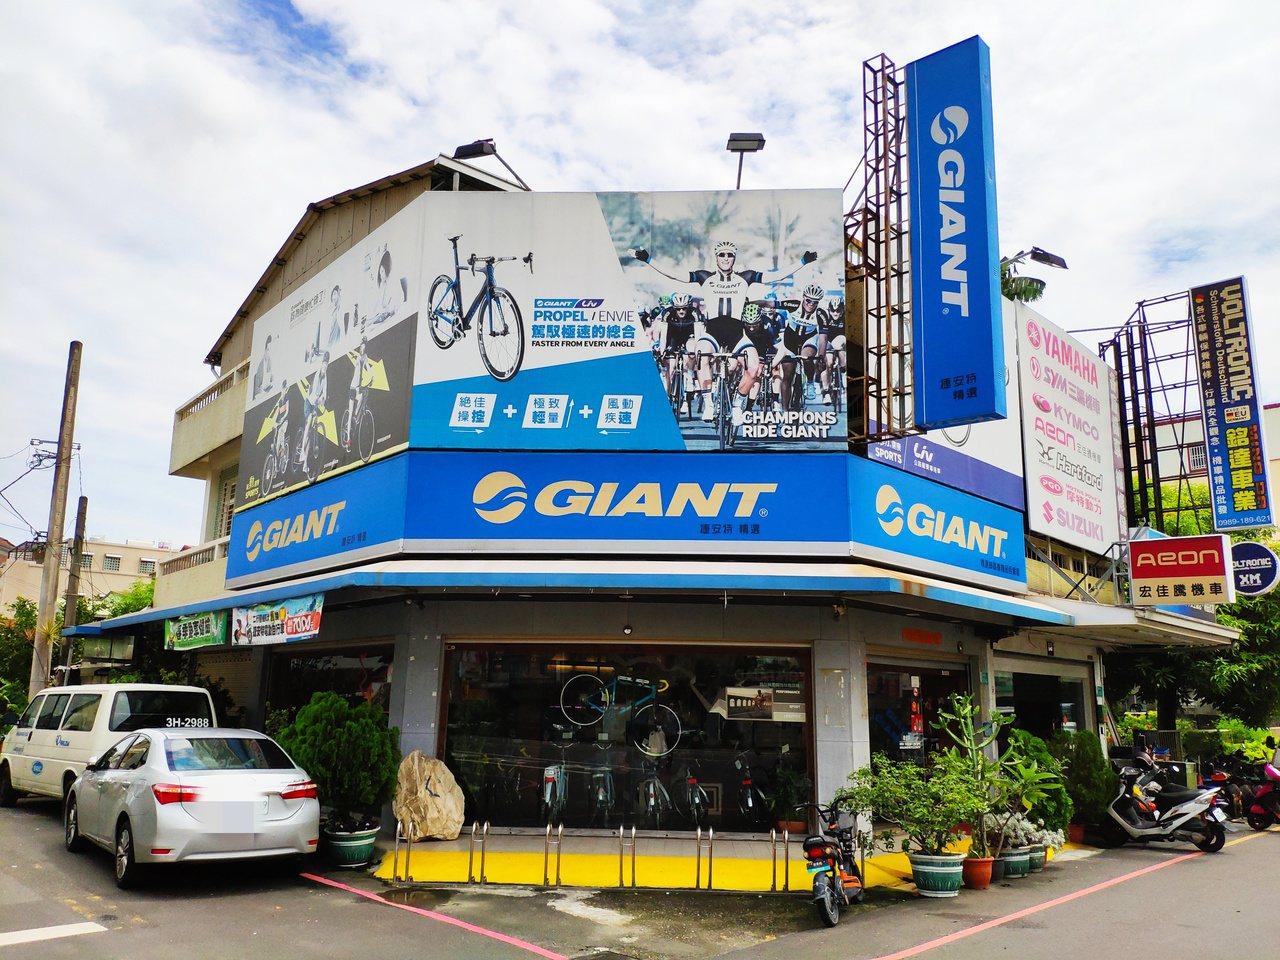 立足地方30年,自行車捷安特台南新營經銷商將遭拆除招牌,地方震撼。記者謝進盛/攝...